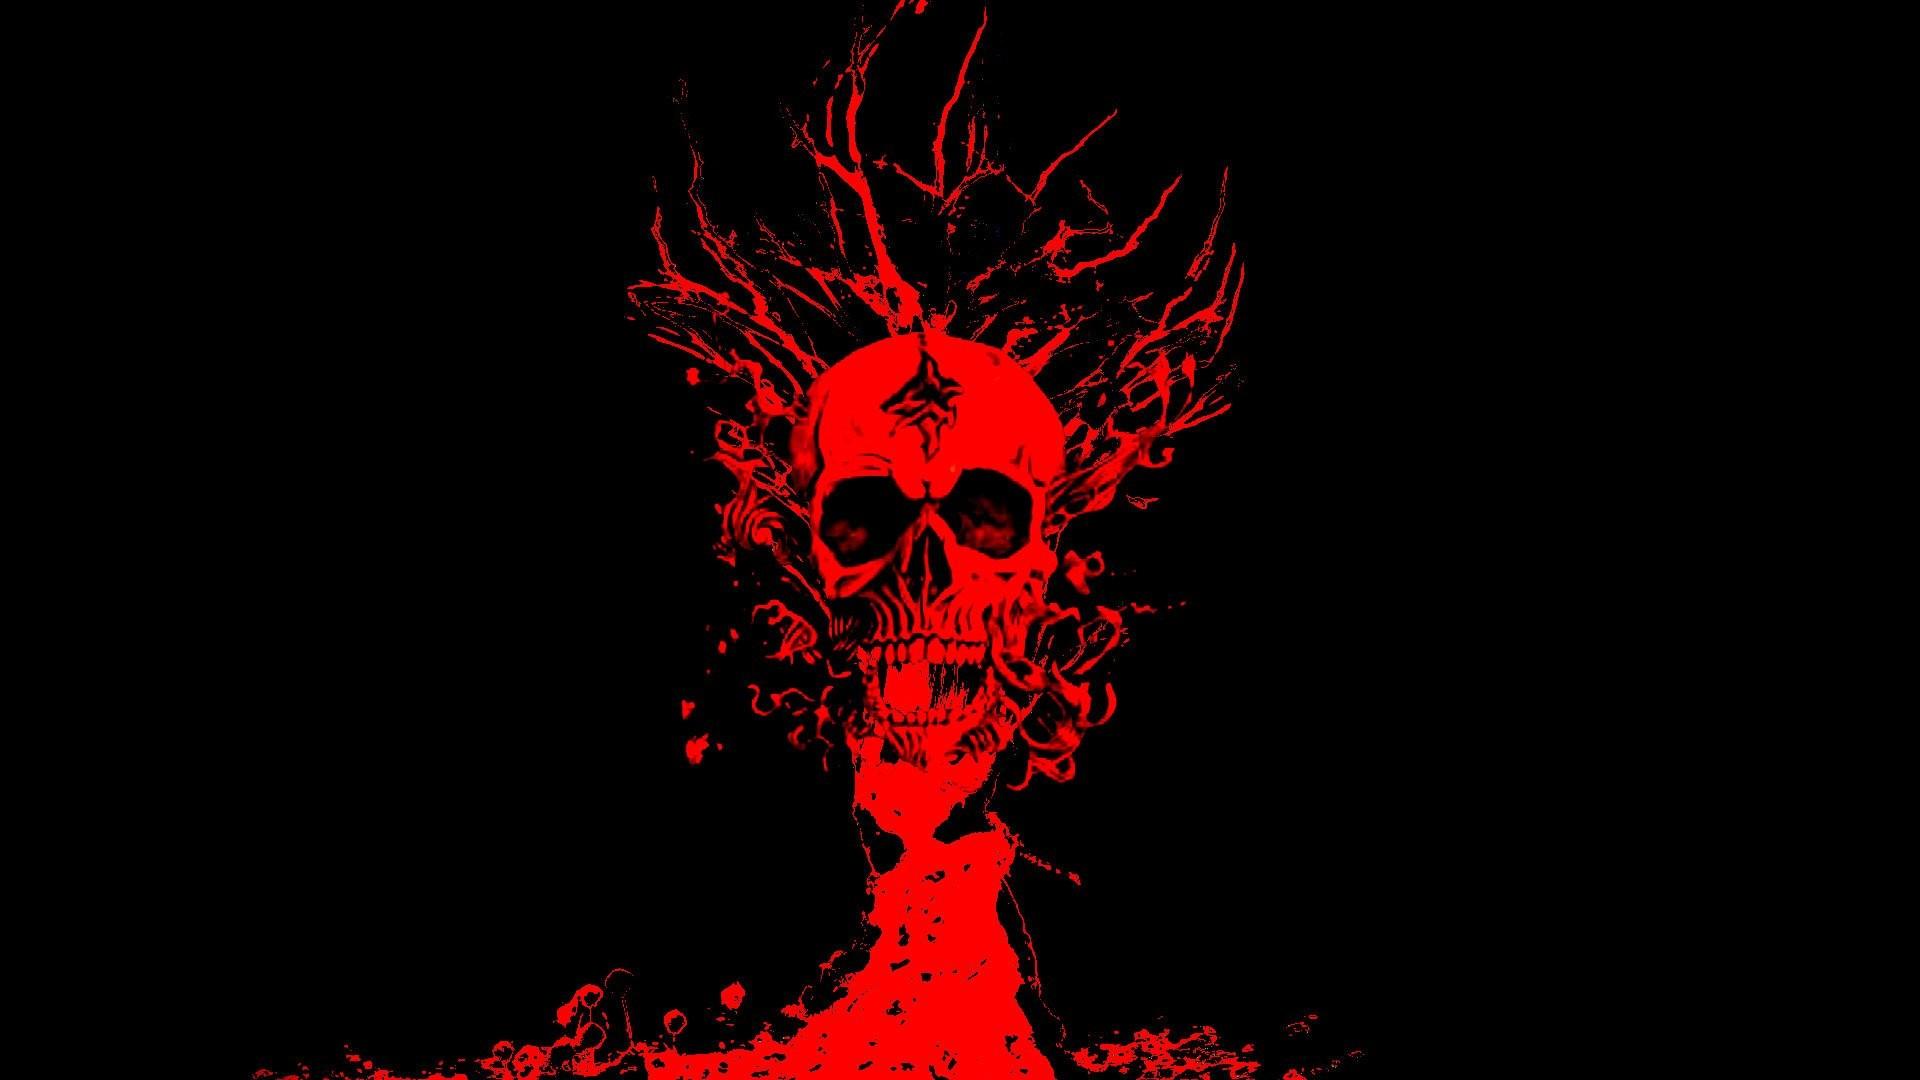 skull art wallpaper  71  images